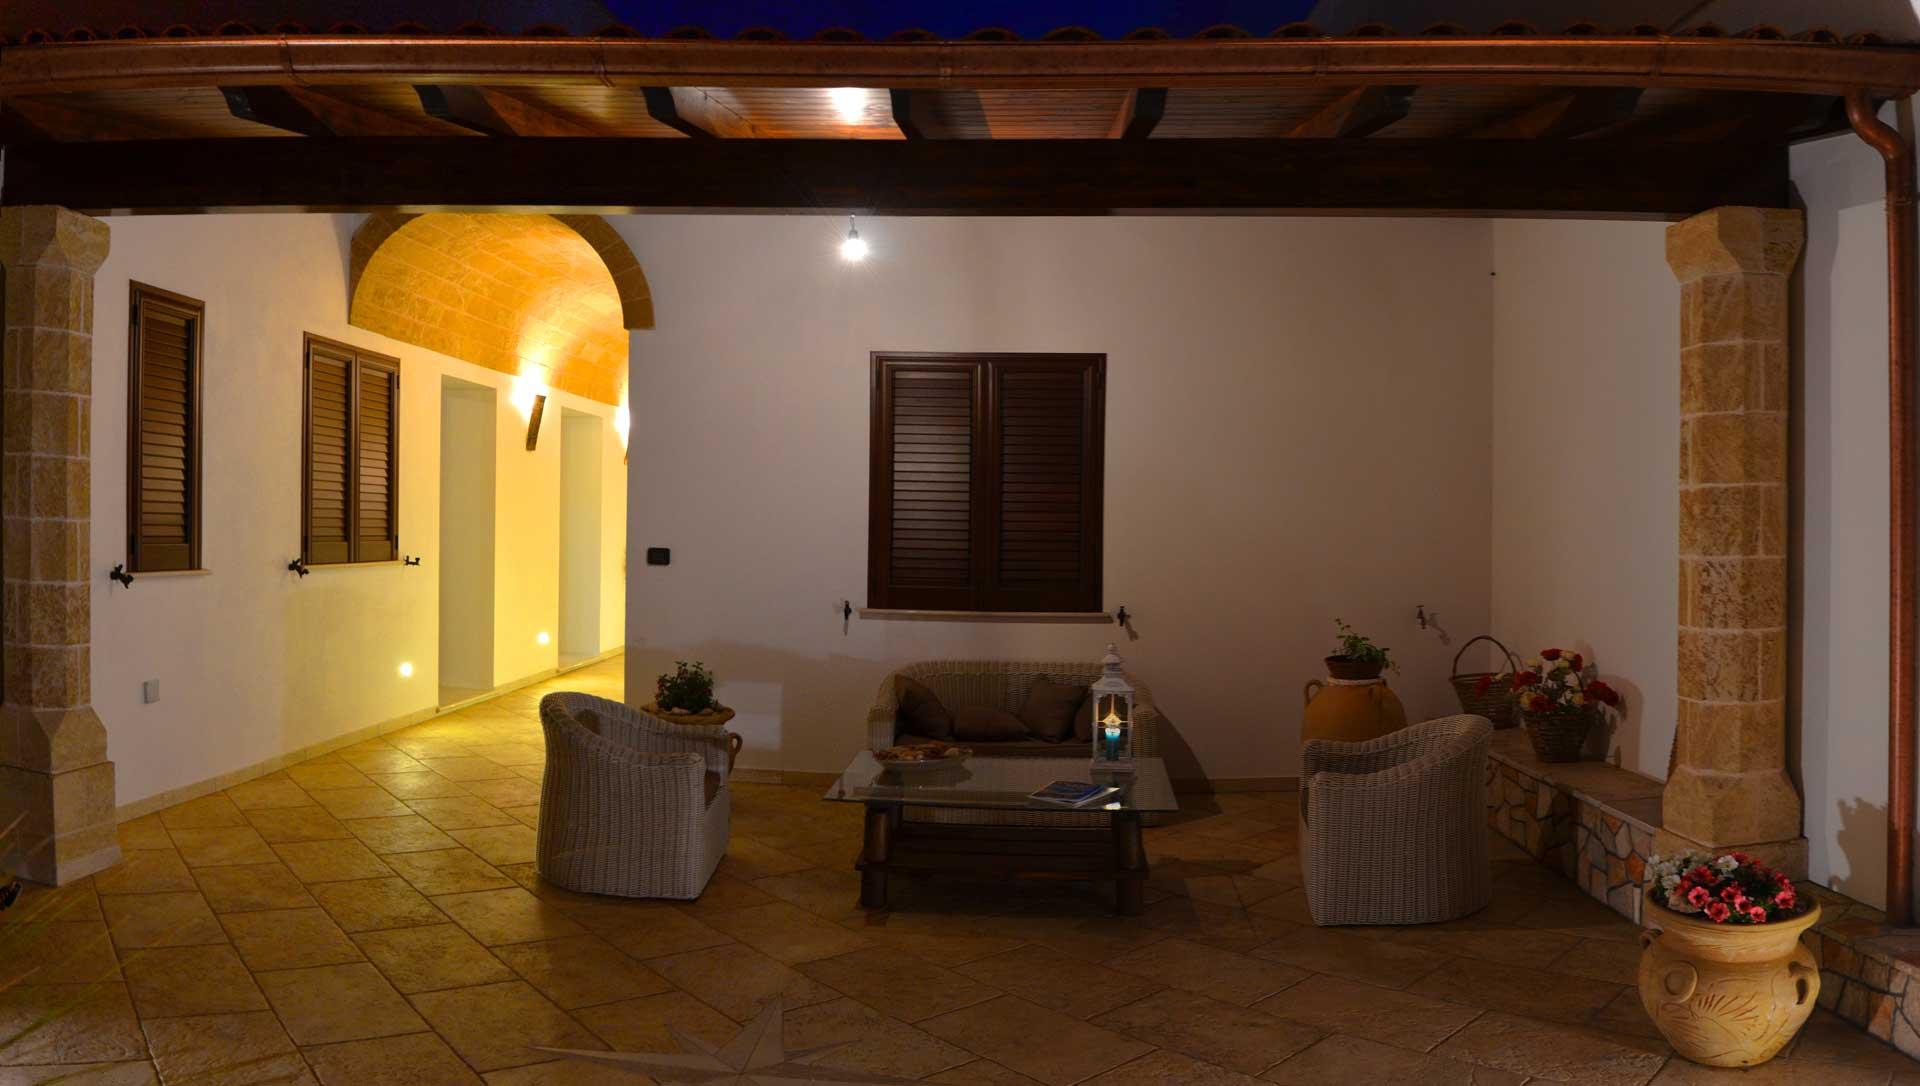 B&B Anemos - Morciano di Leuca - (Lecce), Salento - Il luogo ideale per la tua vacanza nel Salento